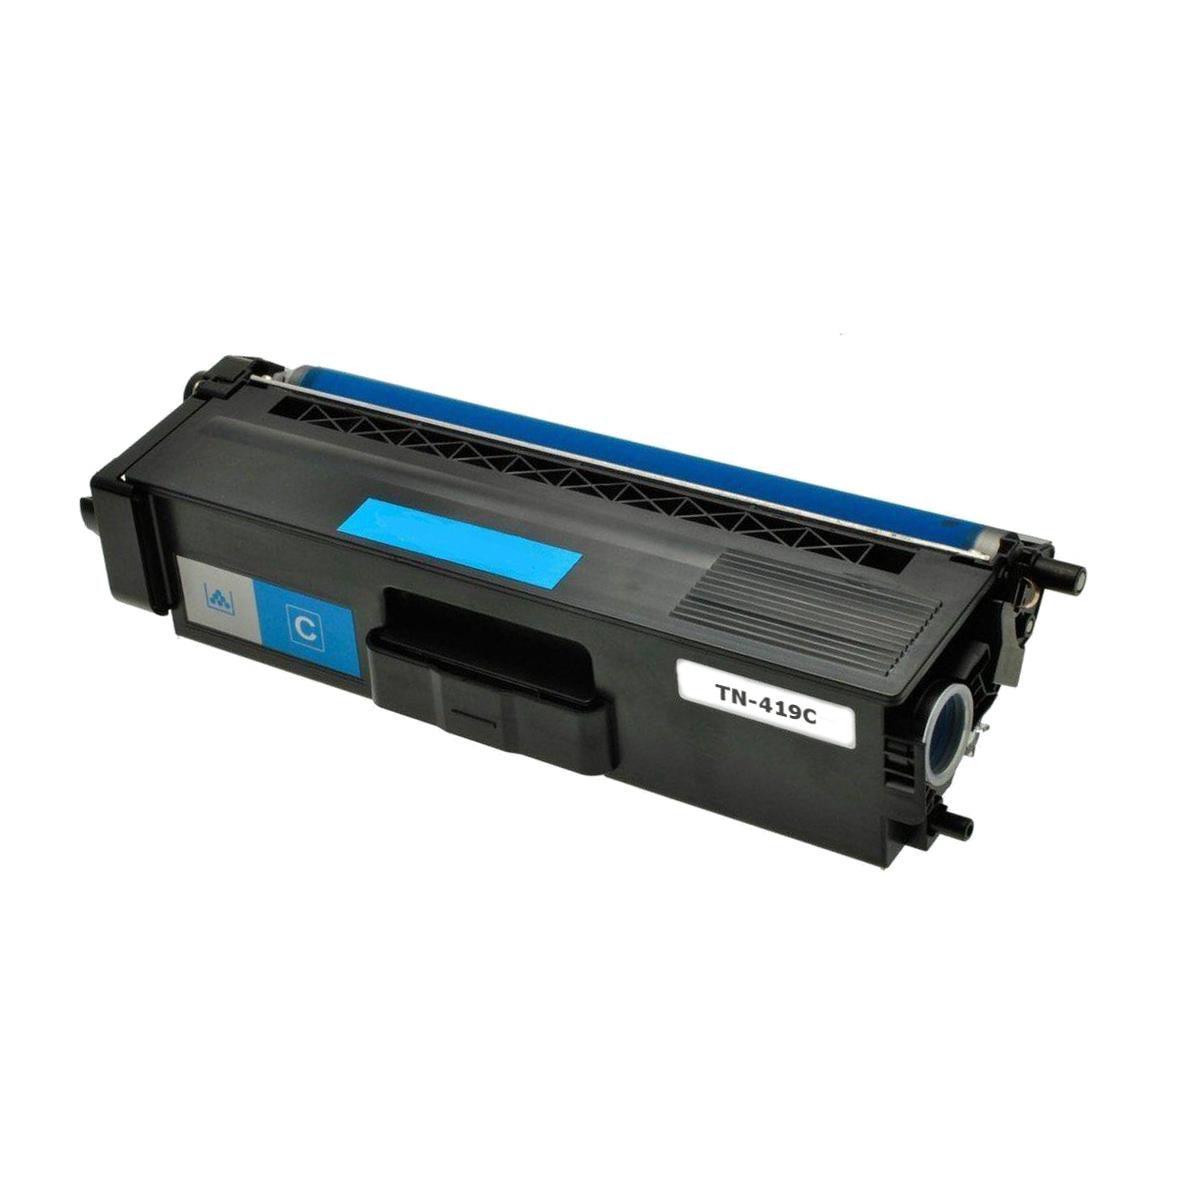 CARTUCHO BROTHER (TN419/416) HL-L8360CDW/MFC-L8610/L8900/L9570 CIANO 6,5k (COMPATIVEL)